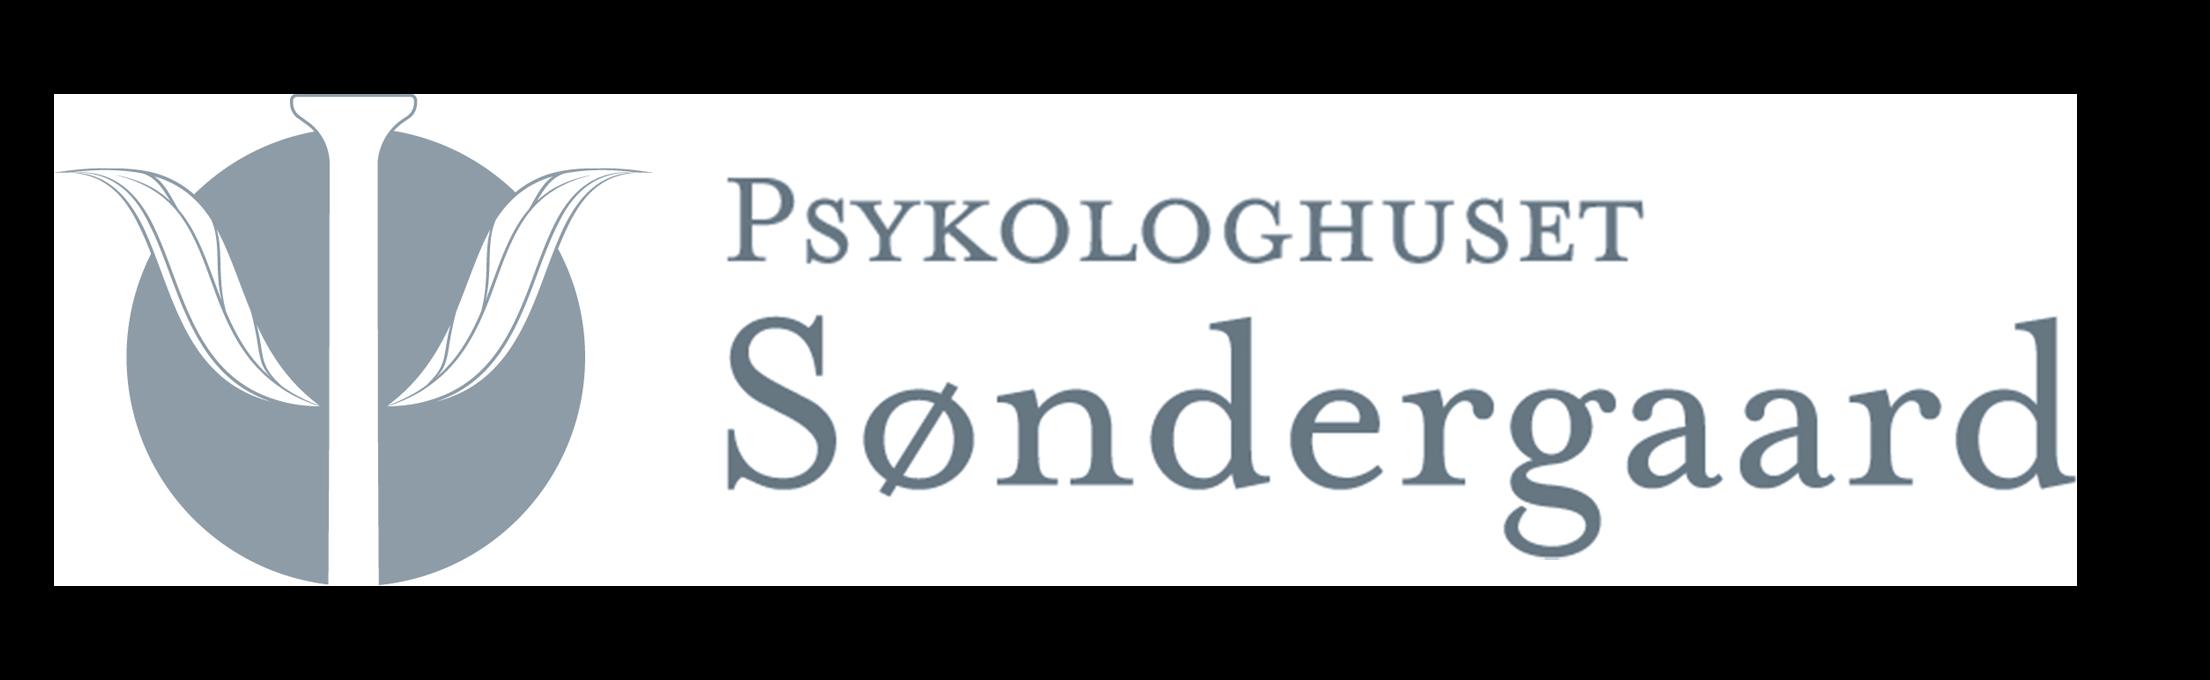 Psykologhuset Søndergard